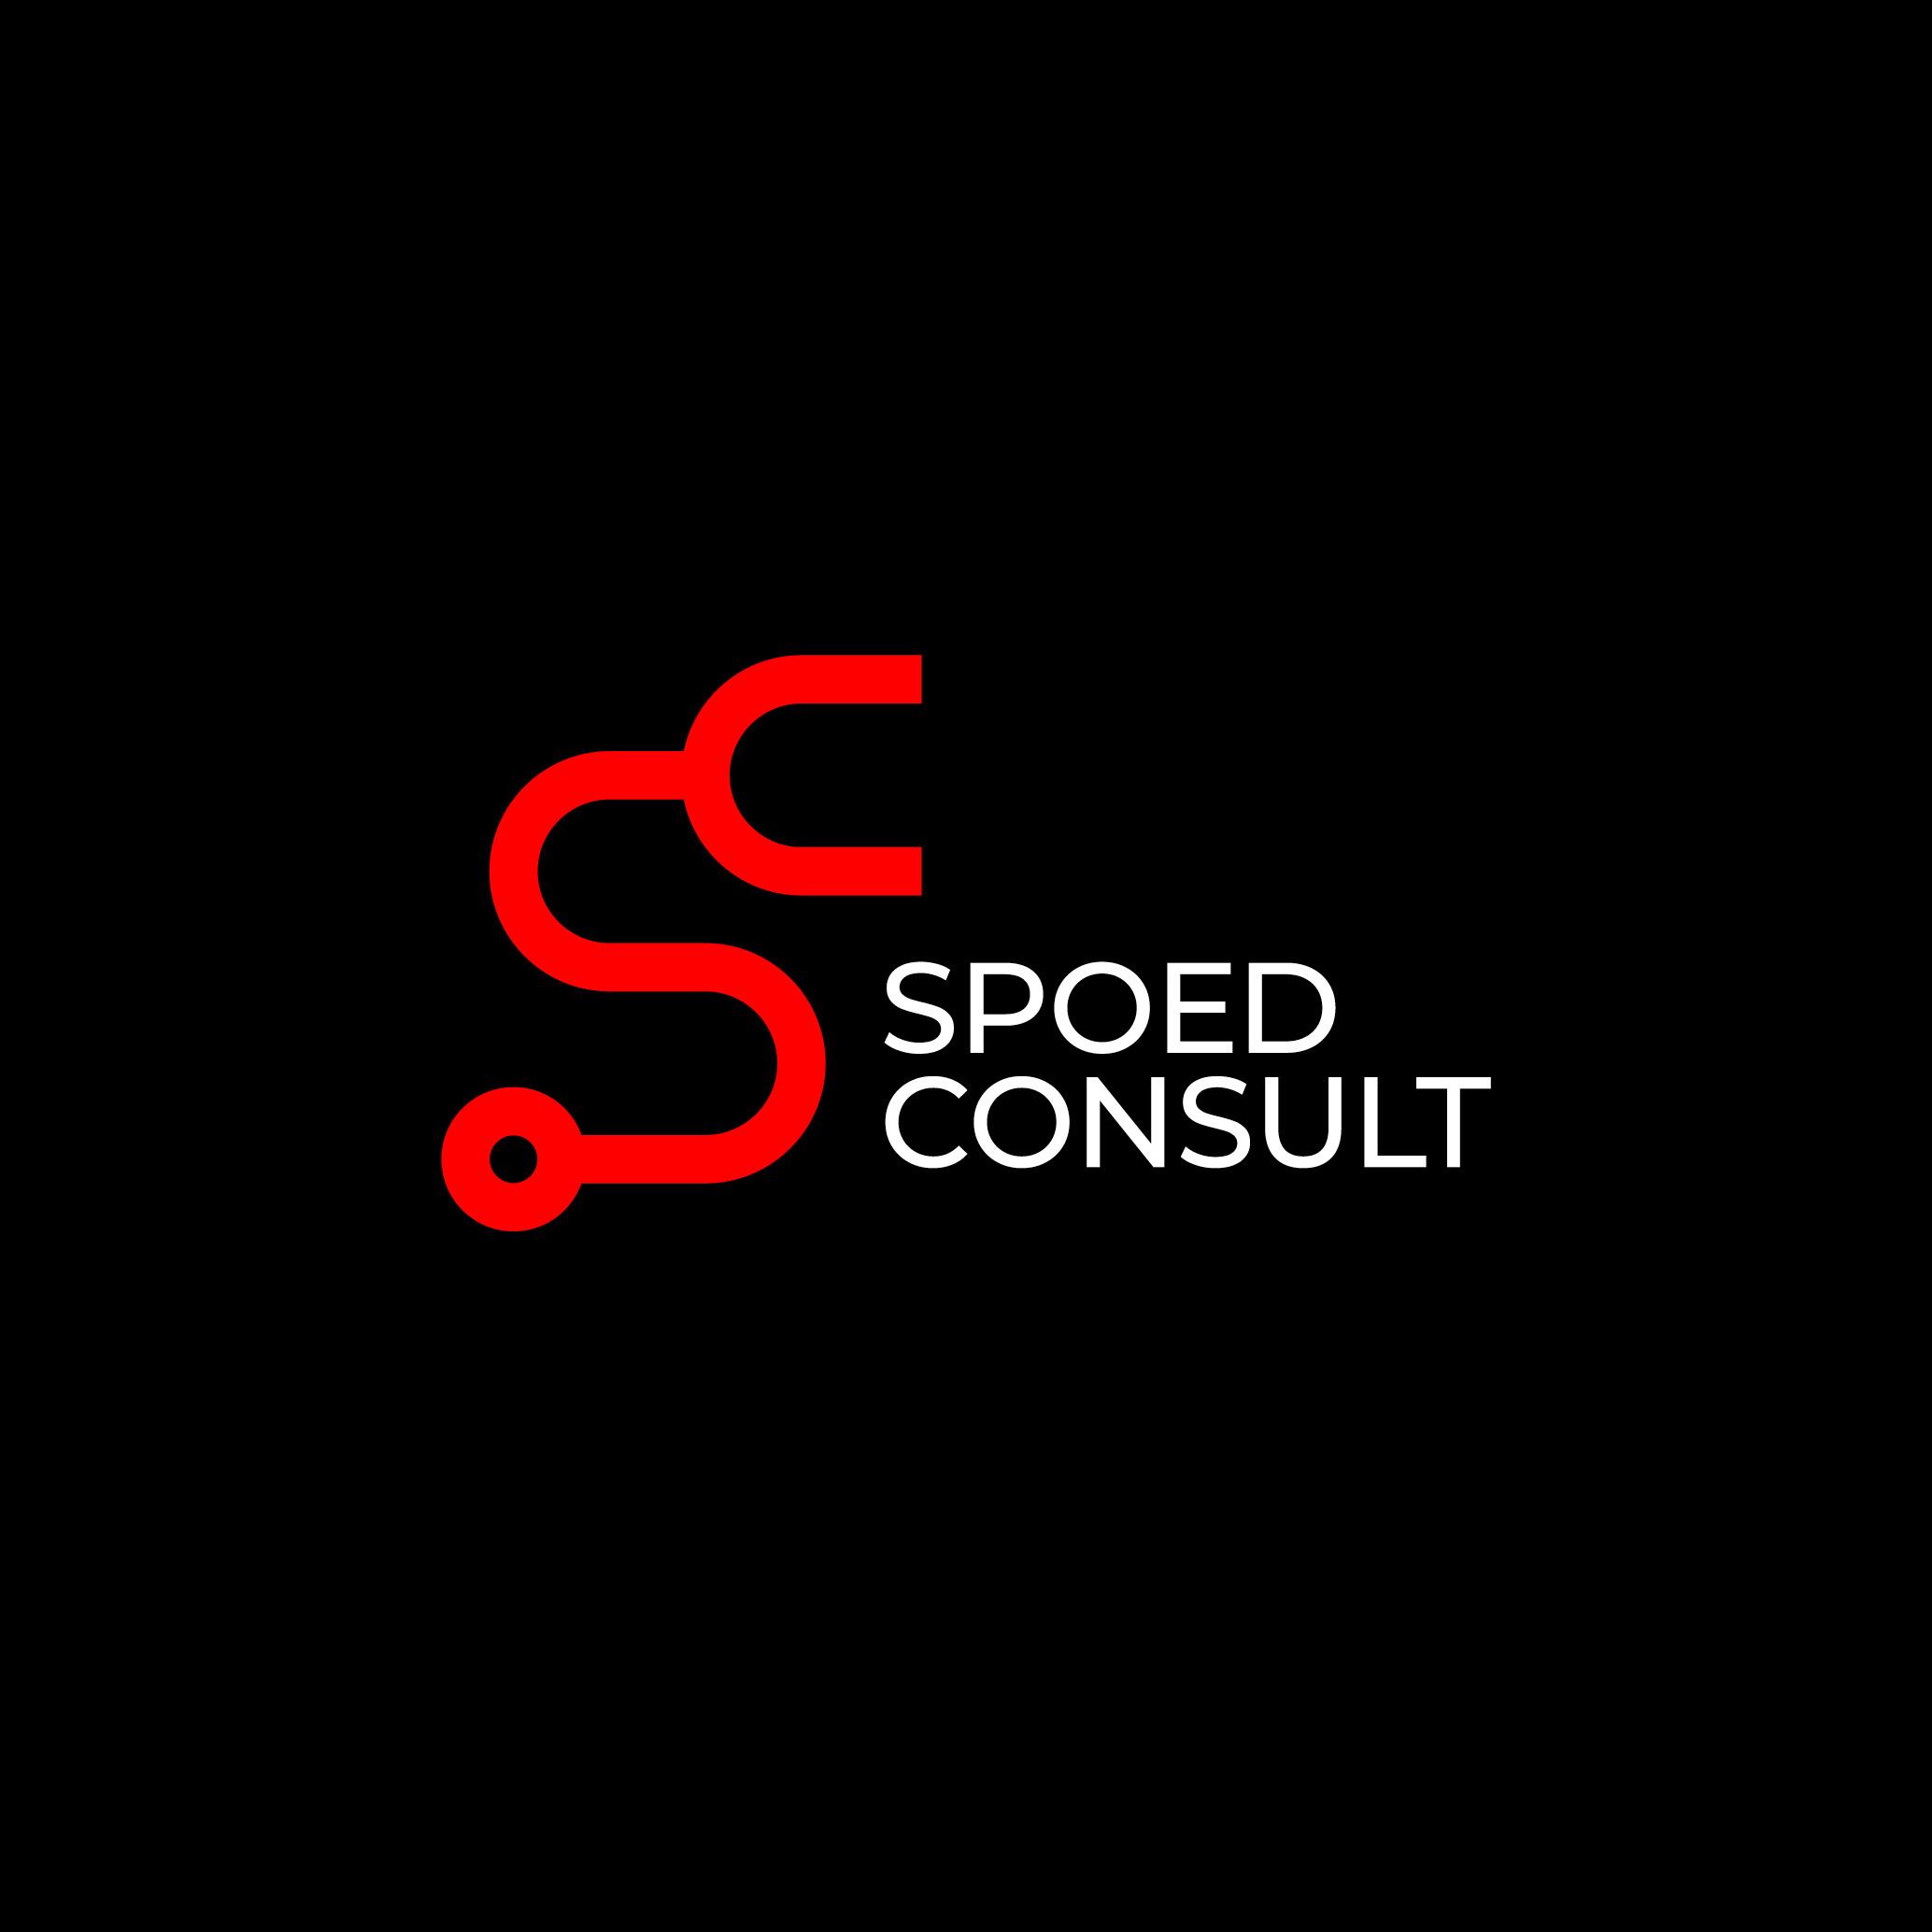 SPOEDCONSULT - SpoedConsult is een onderneming bestaande uit 2 spoedartsen. Naast hun job in het ziekenhuis, stellen ze ook hun kennis ten dienste aan andere ziekenhuizen en evenementen.